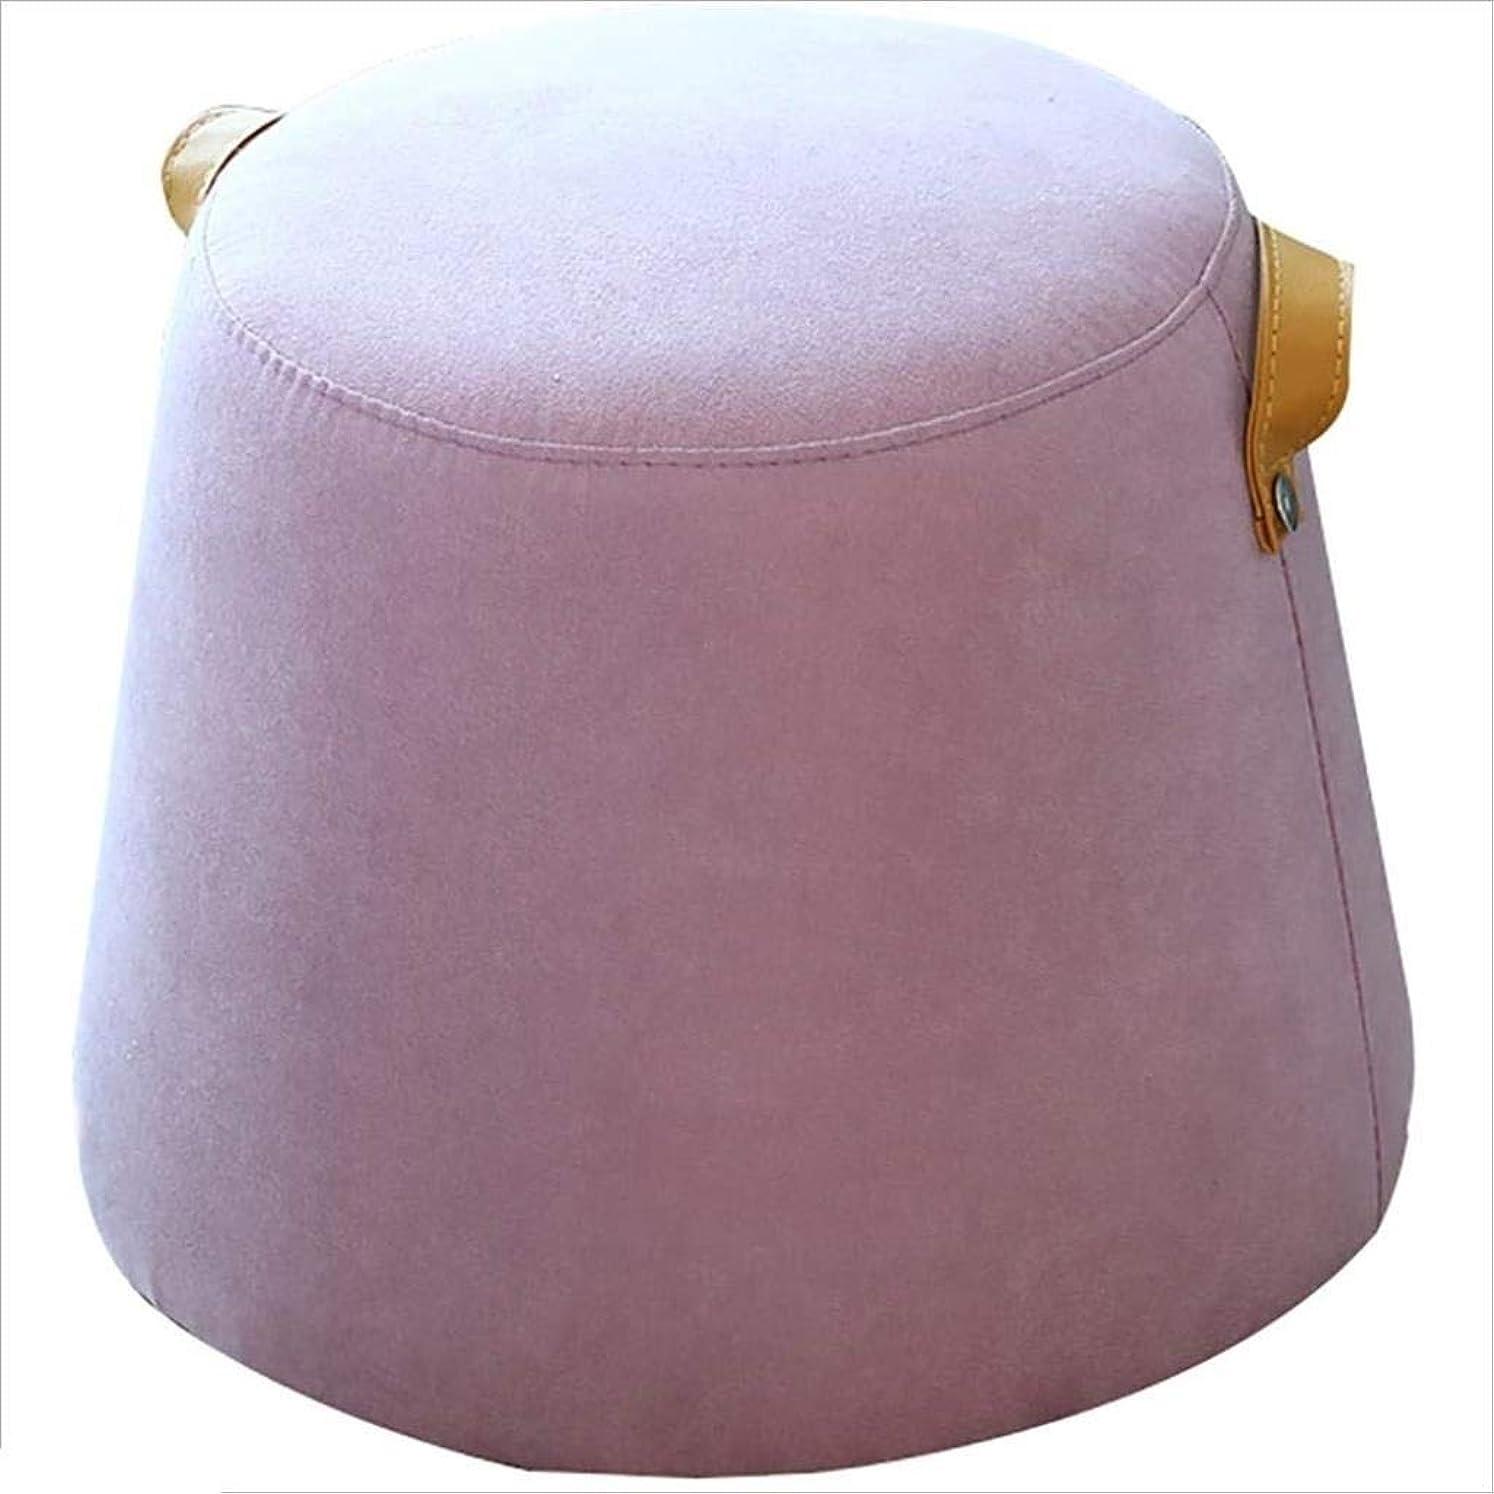 レース生命体テーマ小さい座席生地のソファーのベンチ、創造的なビロードの靴のベンチのかわいい小さいベンチの居間/オフィス/ラウンジ(青) (Color : ピンク)